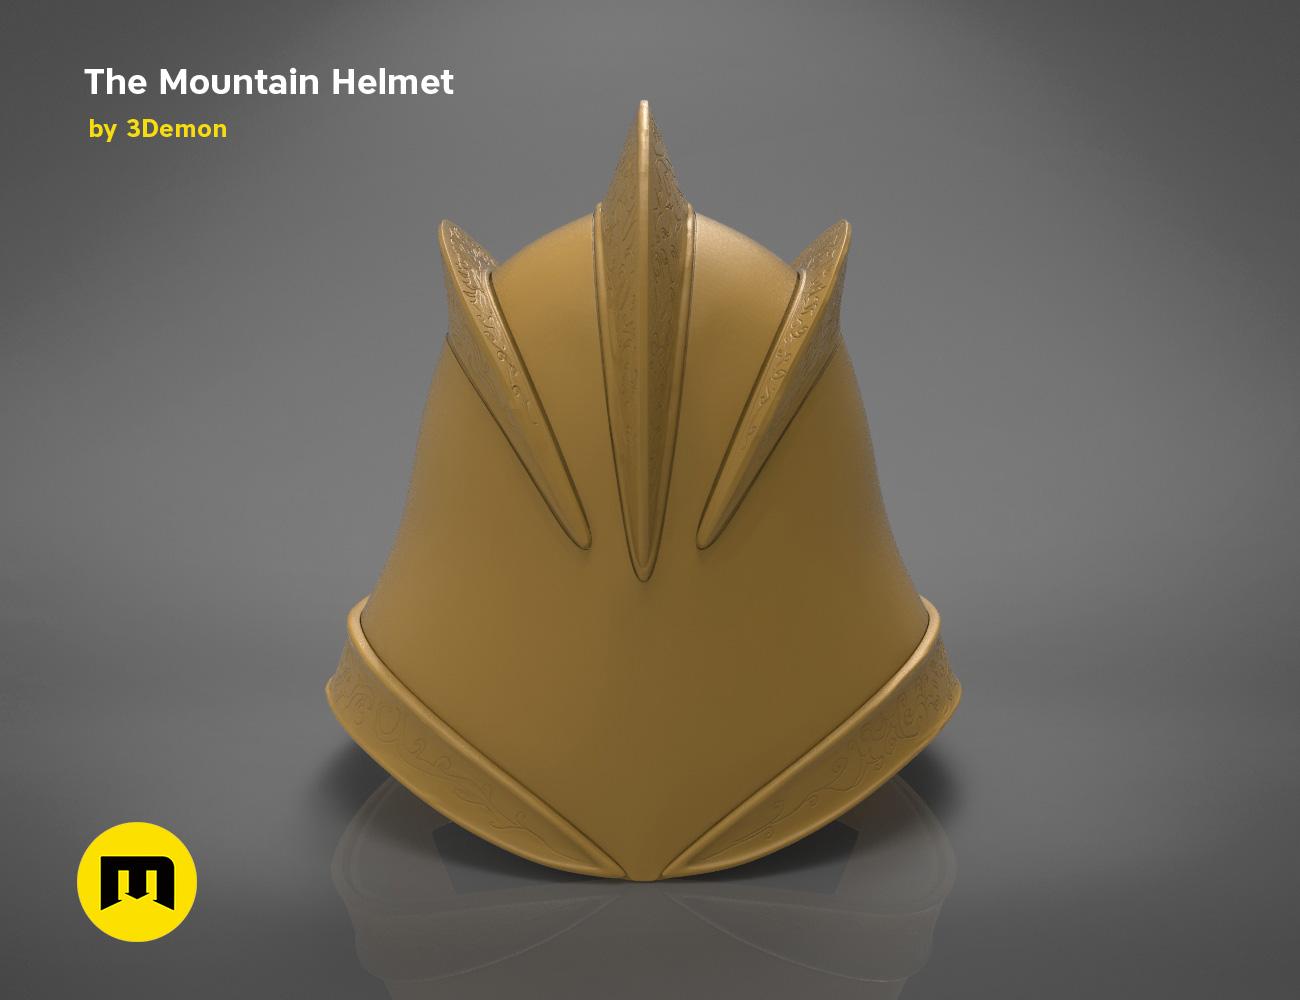 GoT-mountain-helmet-basic.631.jpg Download STL file The Mountain Helmet – Game of Thrones • 3D printing model, 3D-mon